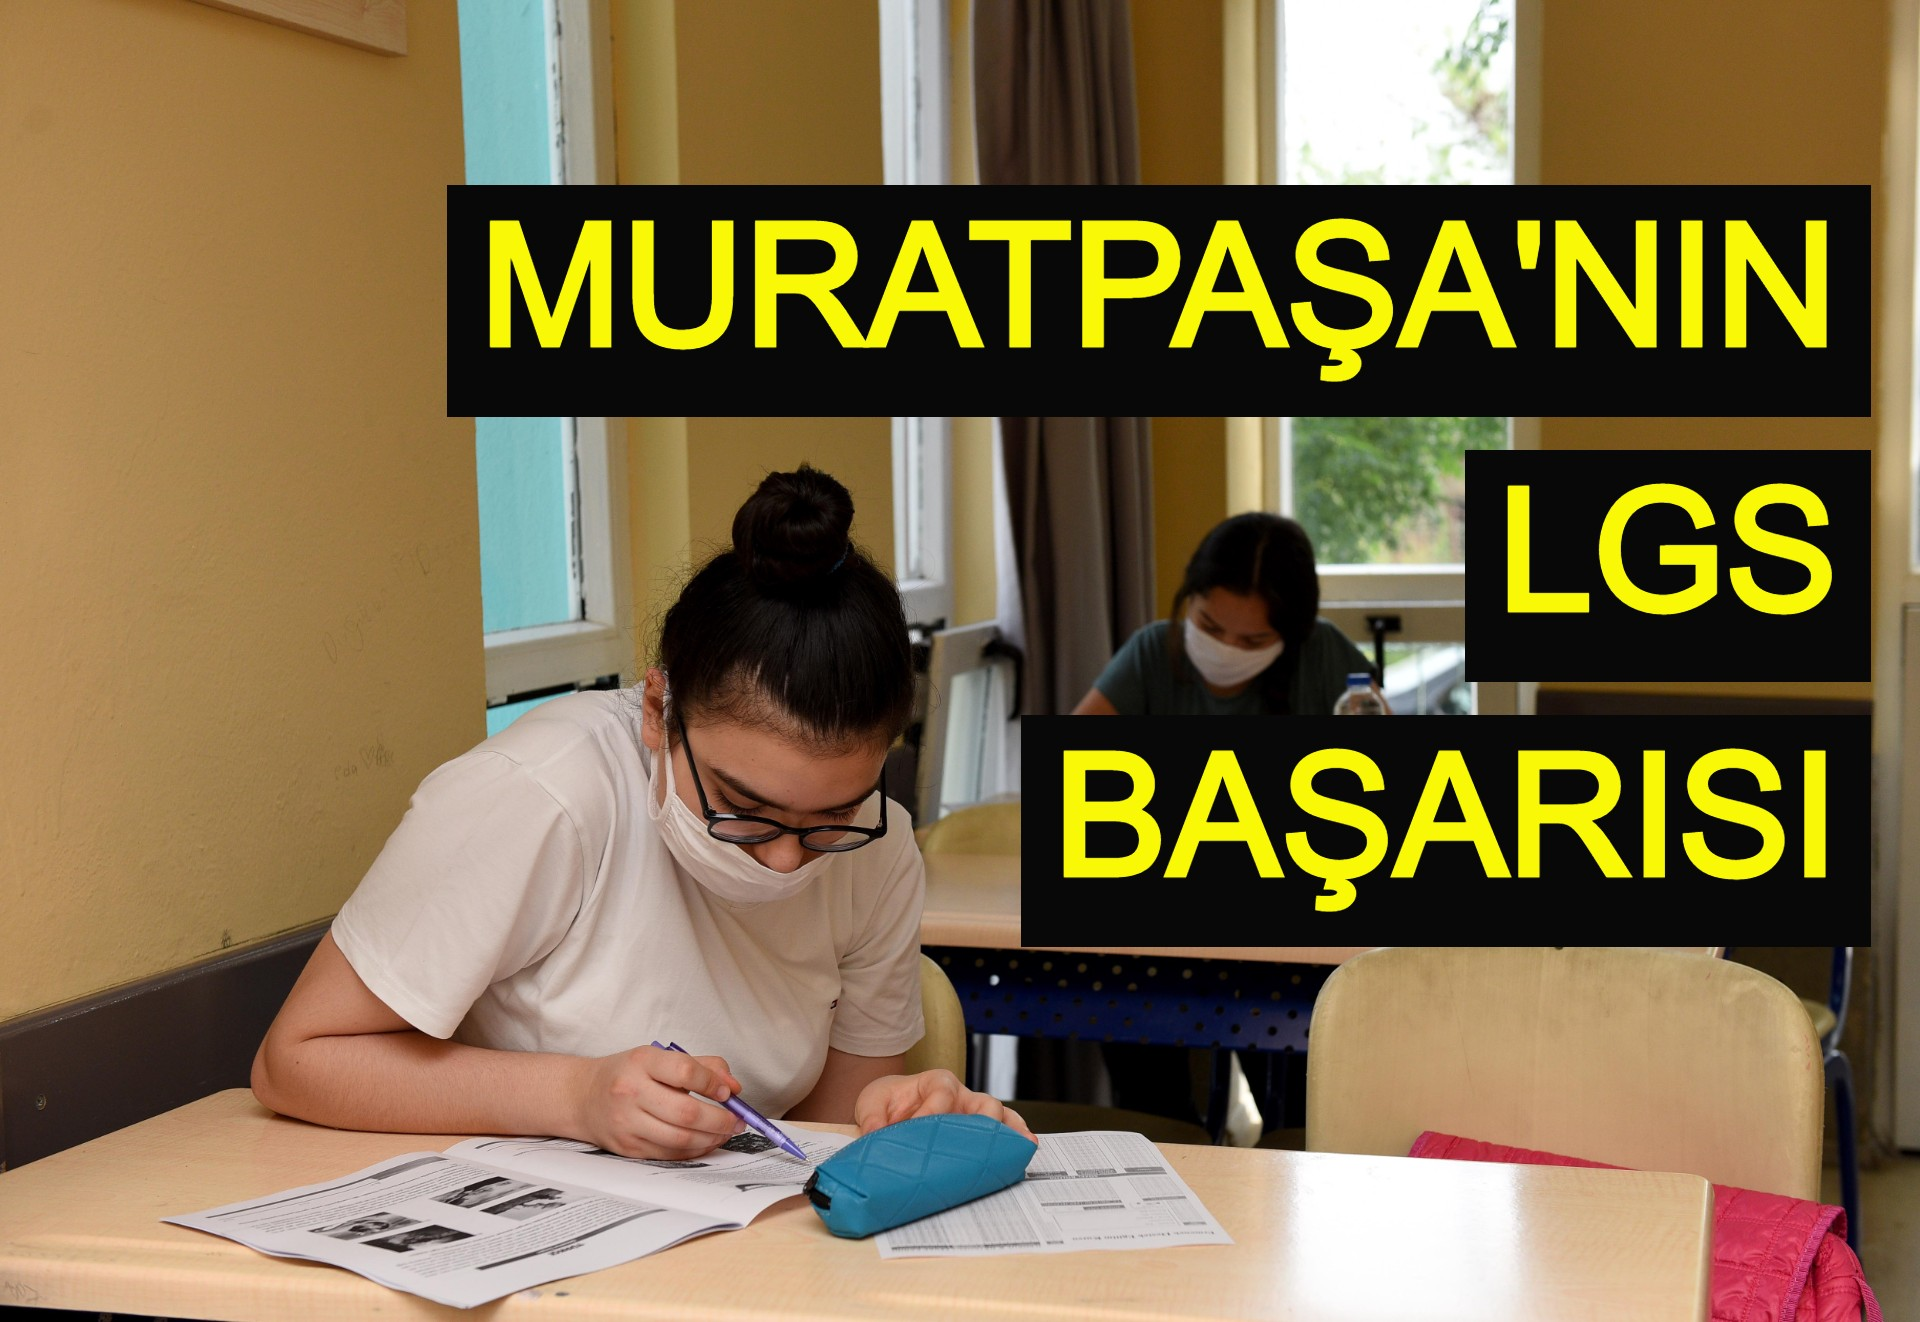 Muratpaşa'nın LGS başarısı